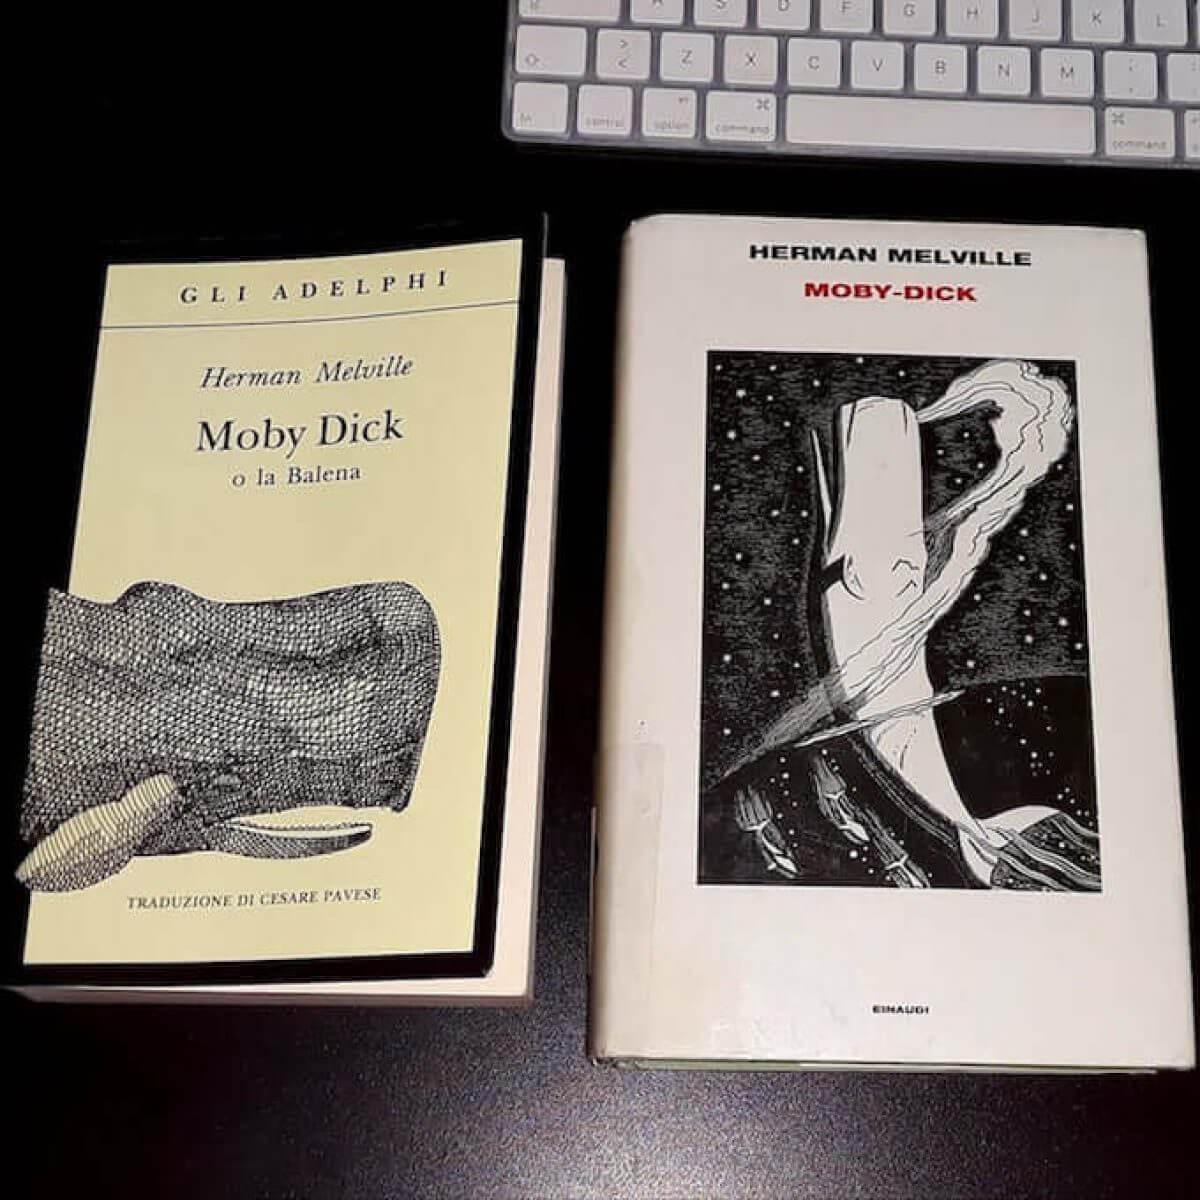 Moby Dick: Adelphi ed Einaudi